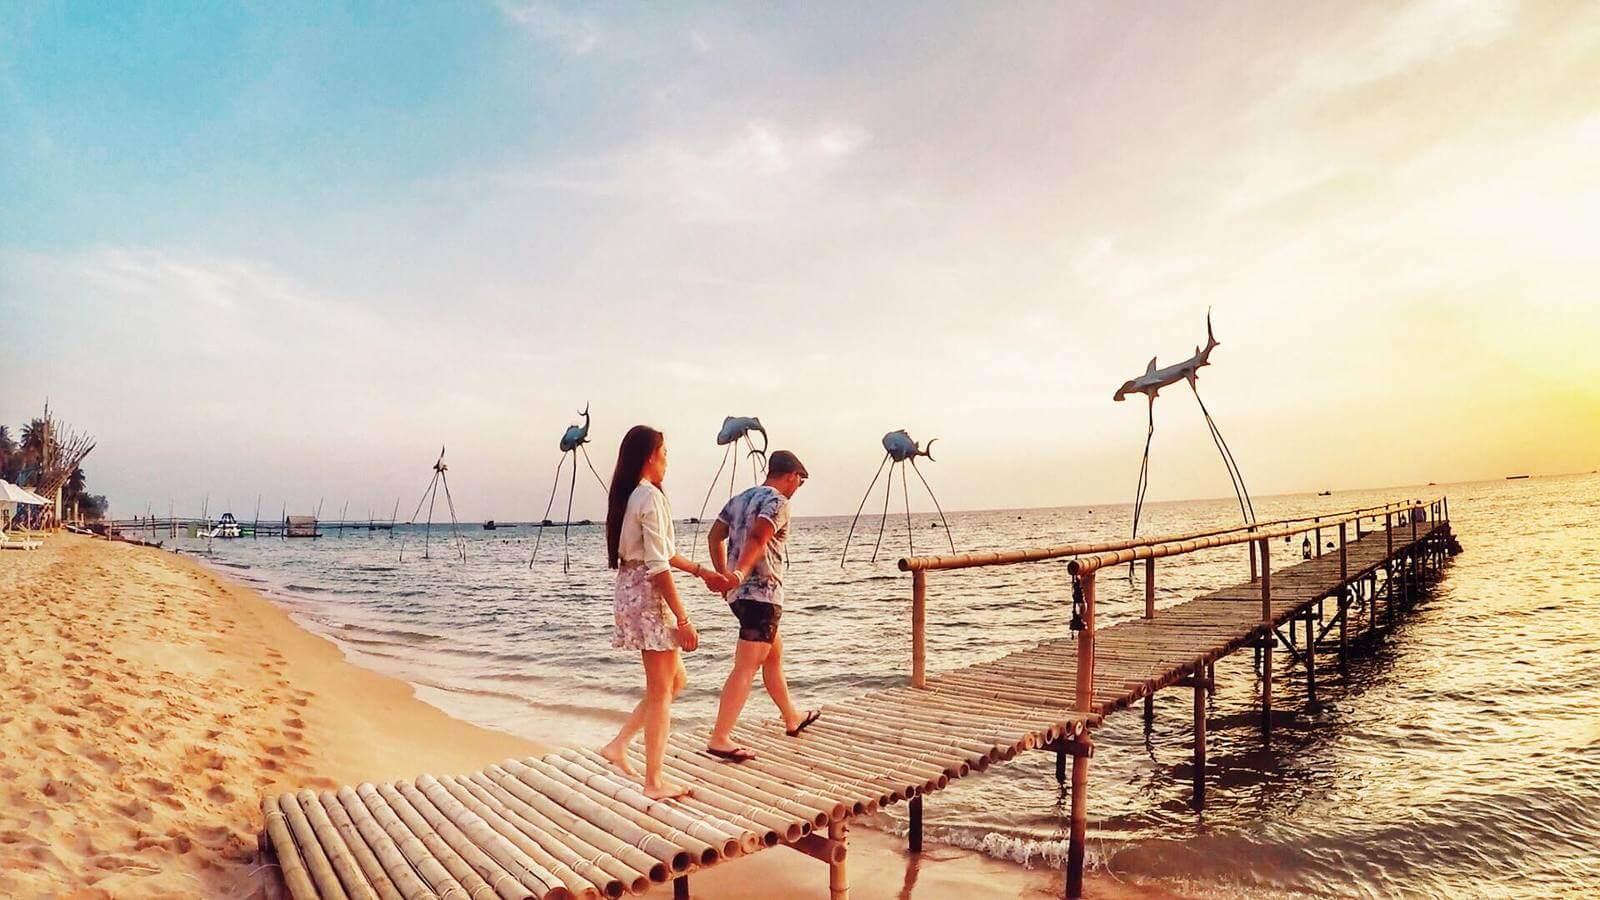 [Du lịch Phú Quốc] Ngắm hoàng hôn đảo ngọc không thể thiếu 4 hồ bơi vô cực này